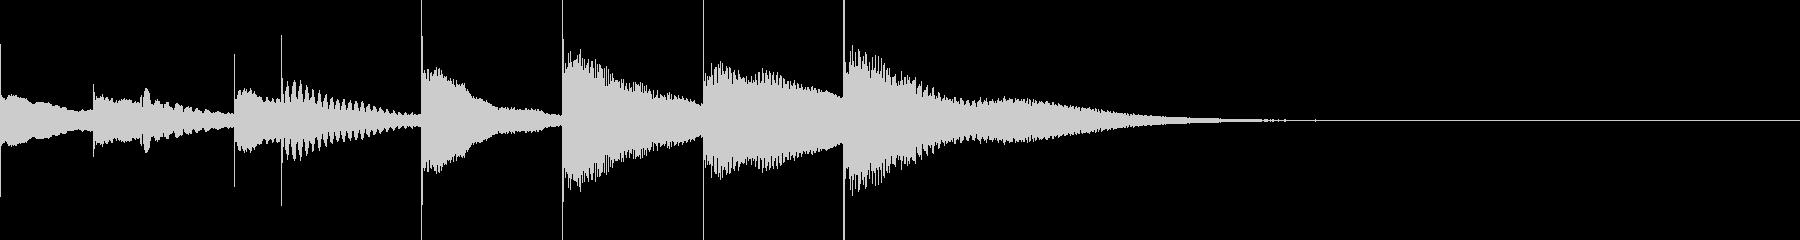 マリンバとグロッケンのジングル2の未再生の波形